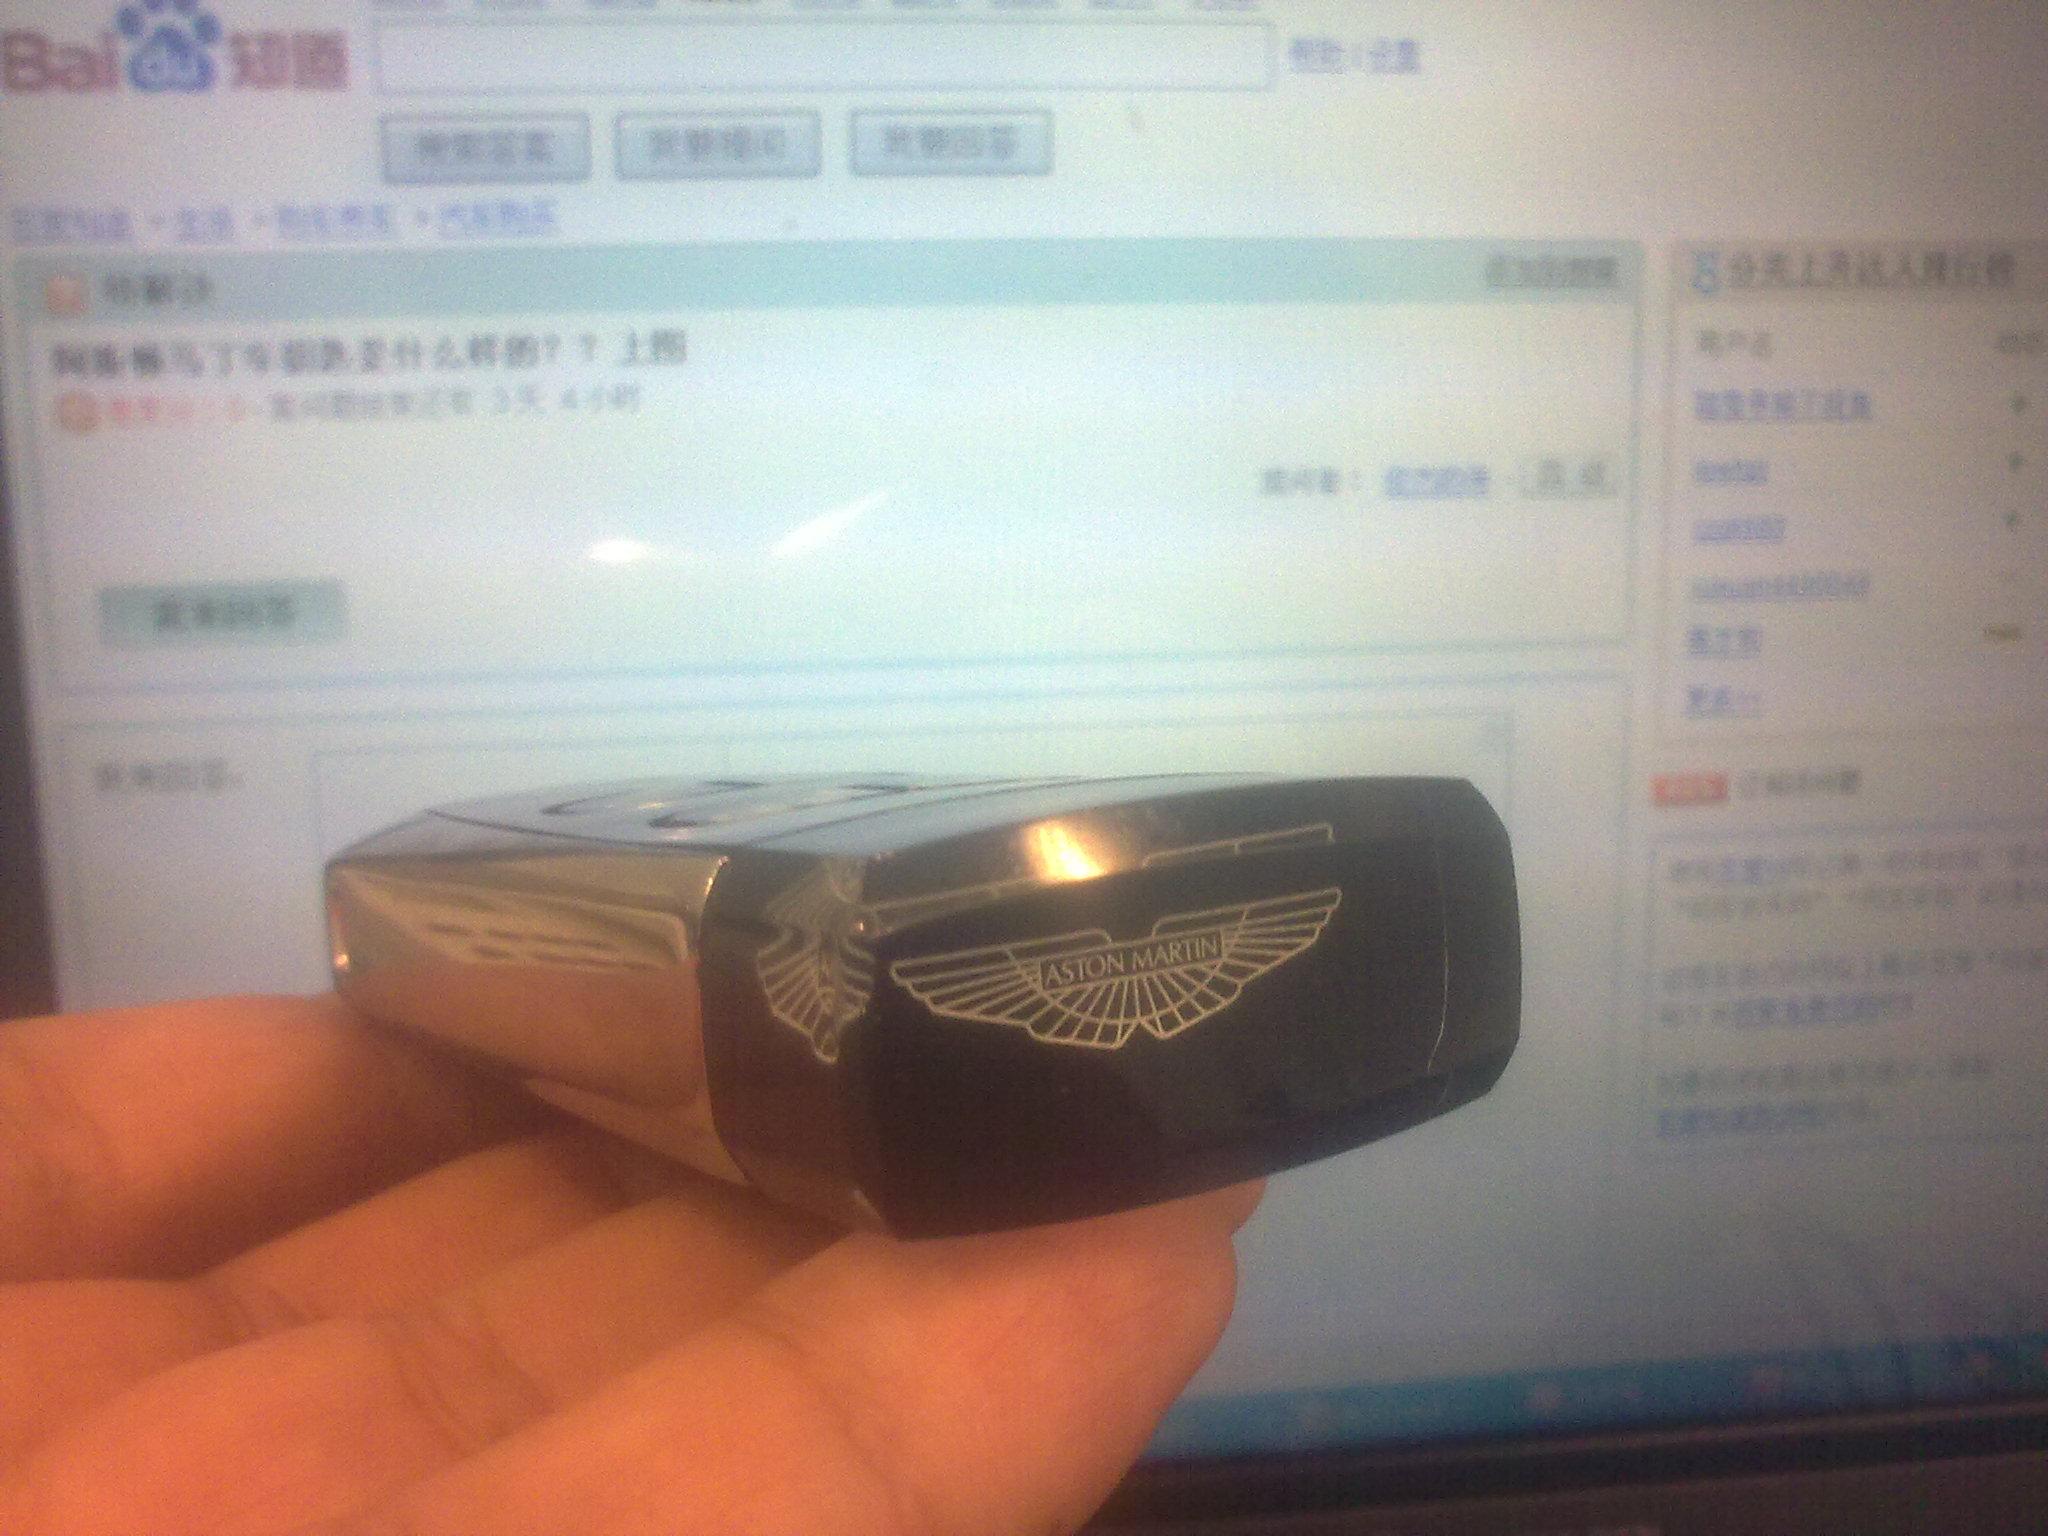 阿斯顿马丁车钥匙是什么样的 上图 高清图片